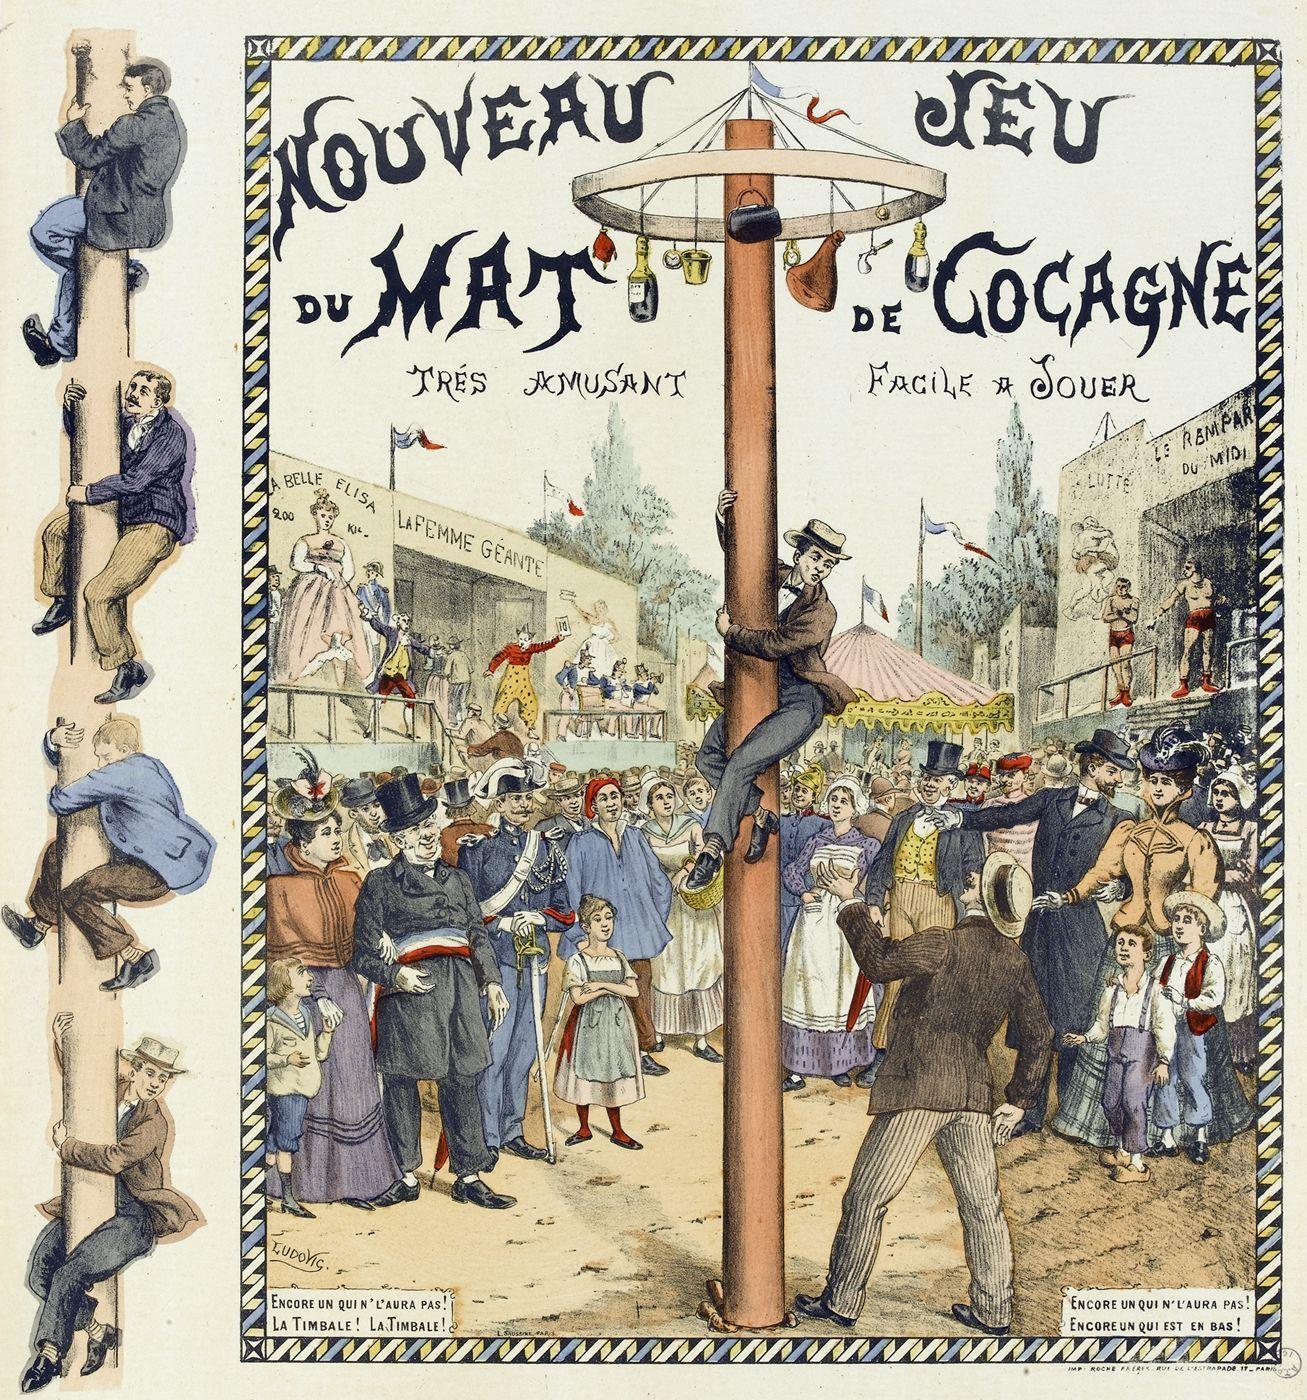 le dessin est signé Ludovic, et le refrain cité par Watilliaux est repris en partie...